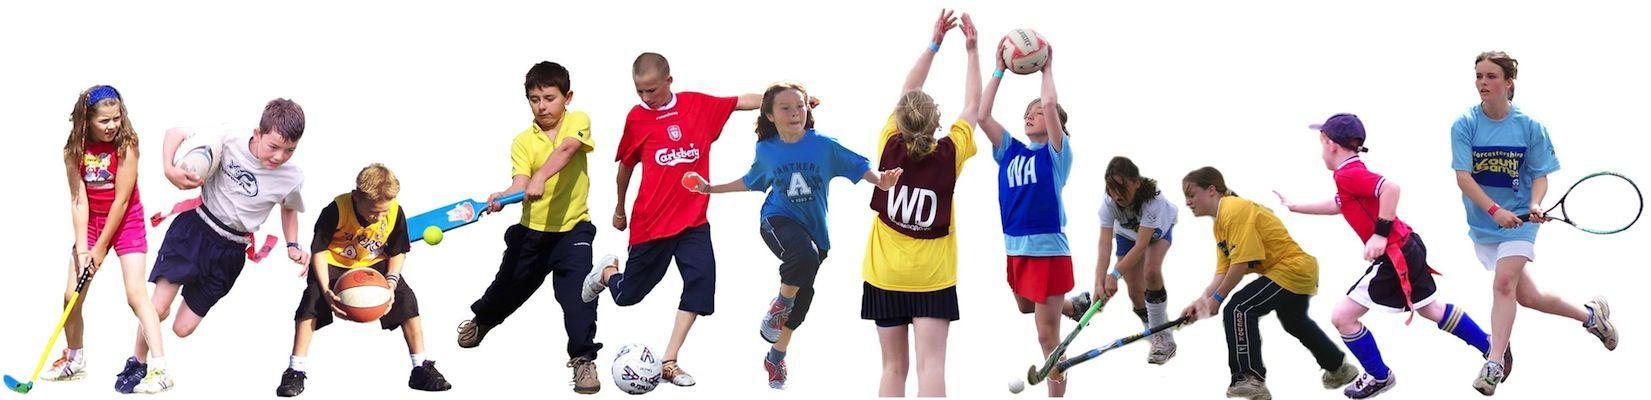 ¿Qué deporte prefieres?